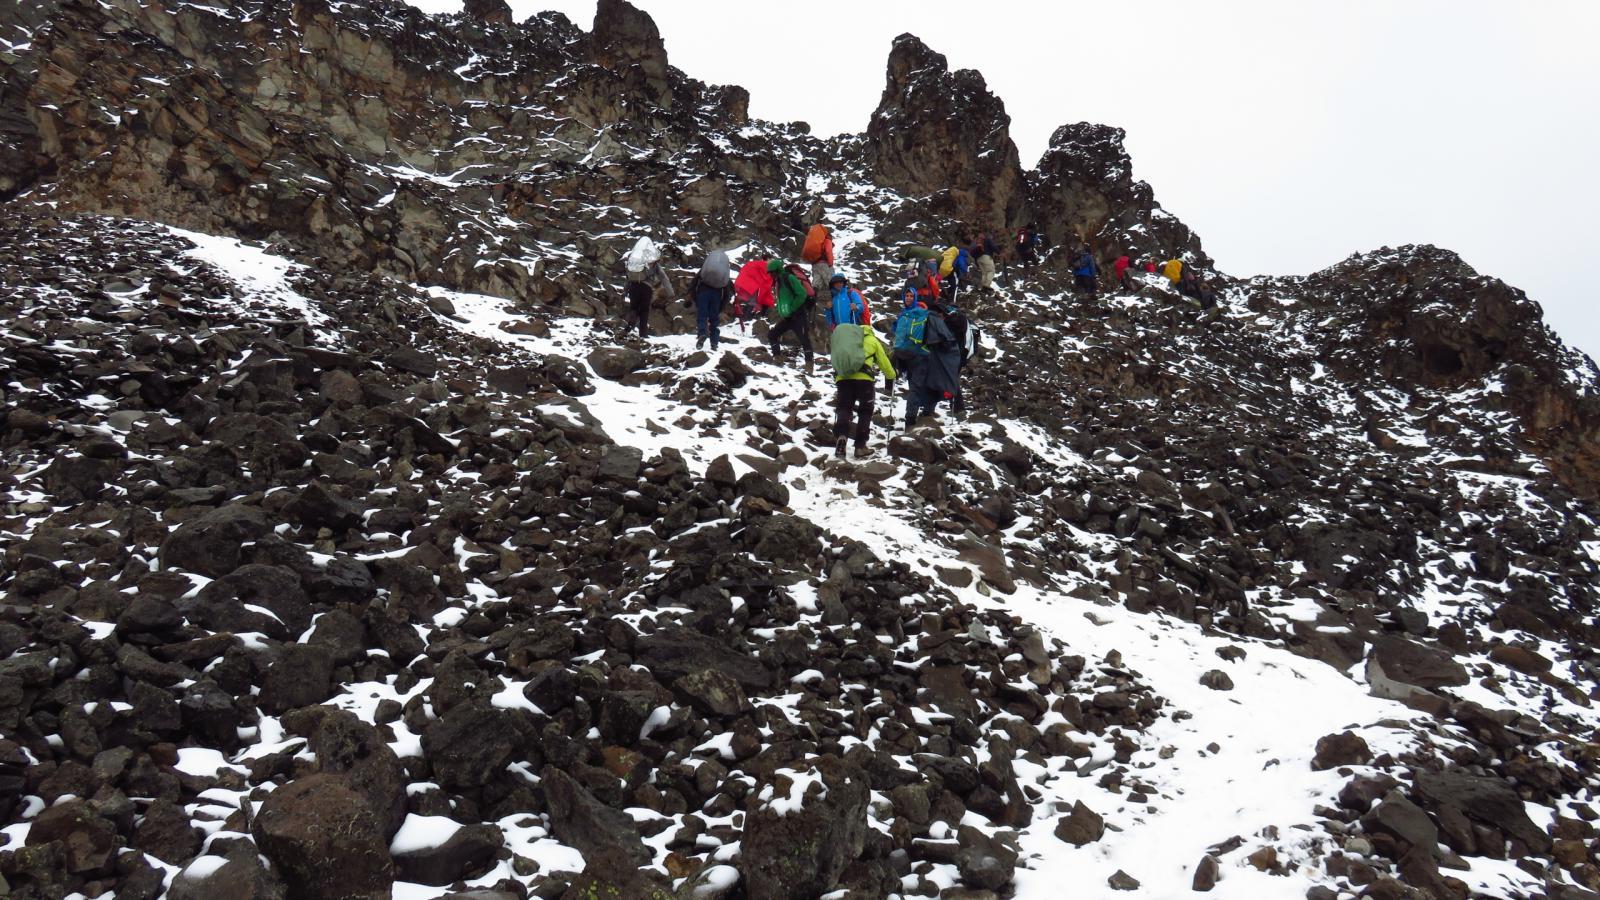 salendo la ripida pietraia verso il Barafu Camp (24-8-2014)